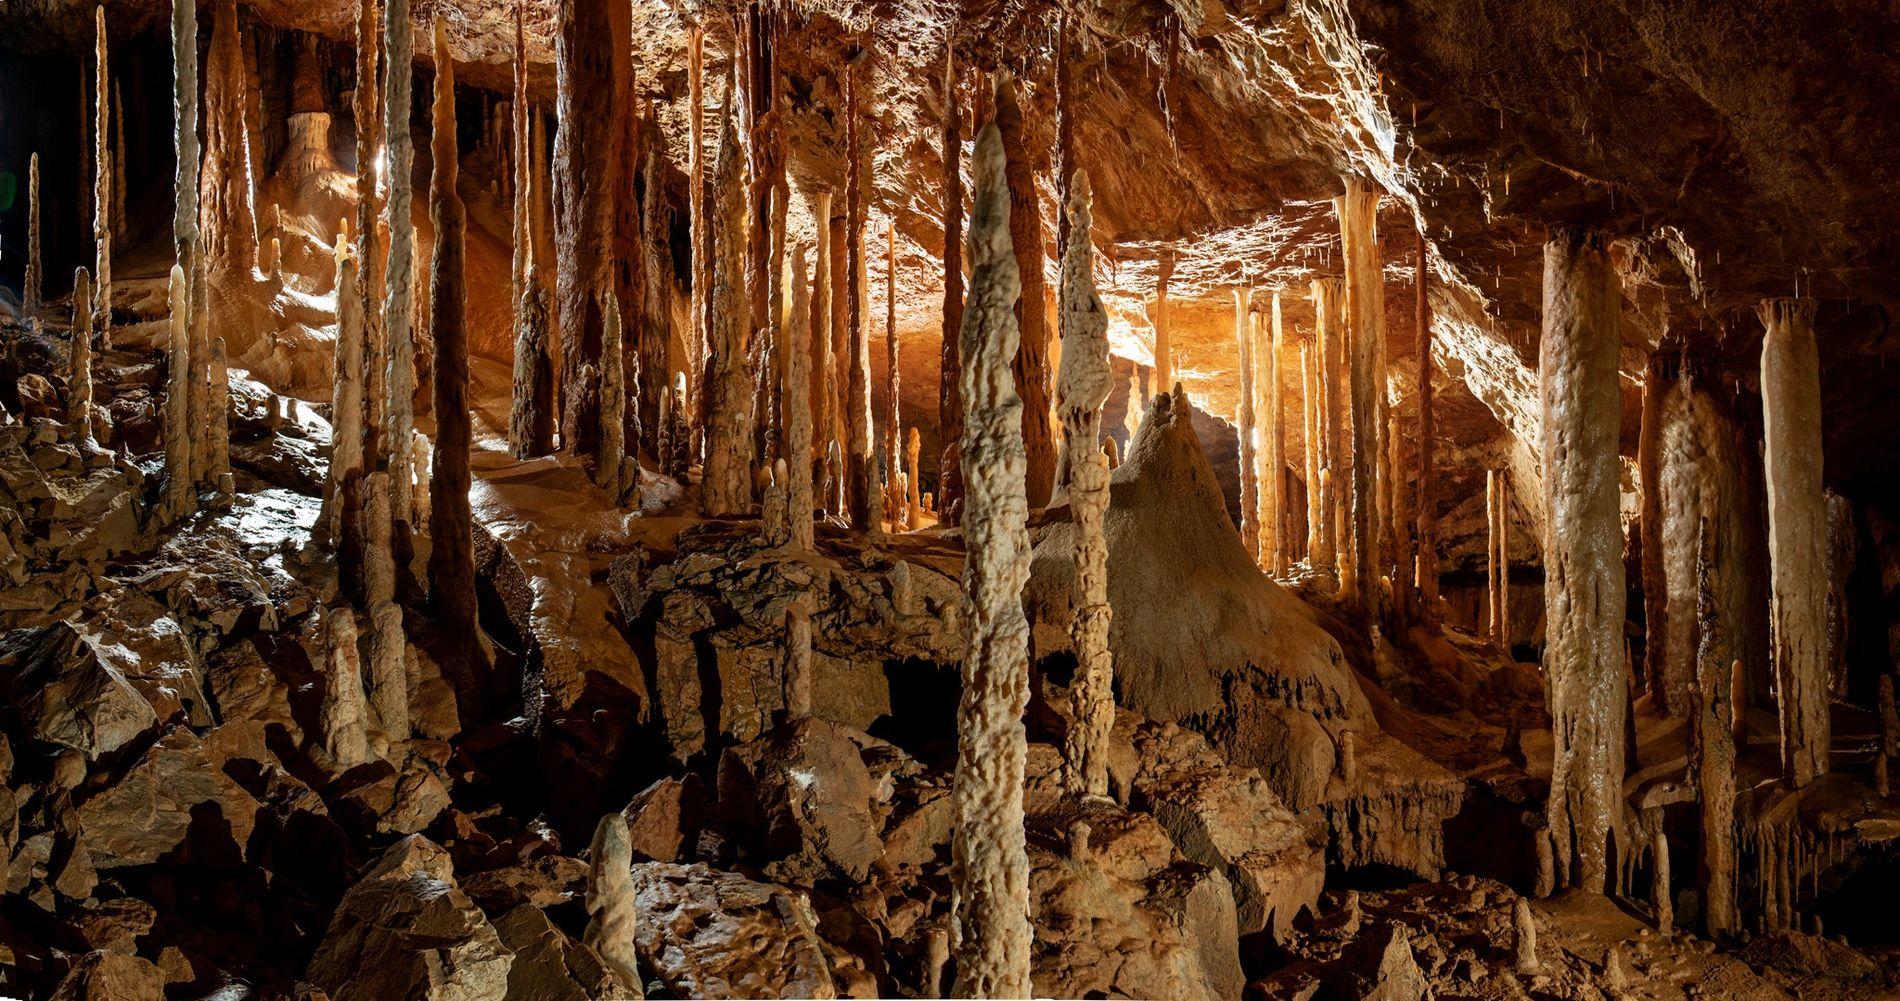 Estalagmites erguem-se dos sedimentos pálidos da 'Floresta Embriagada' – uma caverna no Bornéu que tem este ...